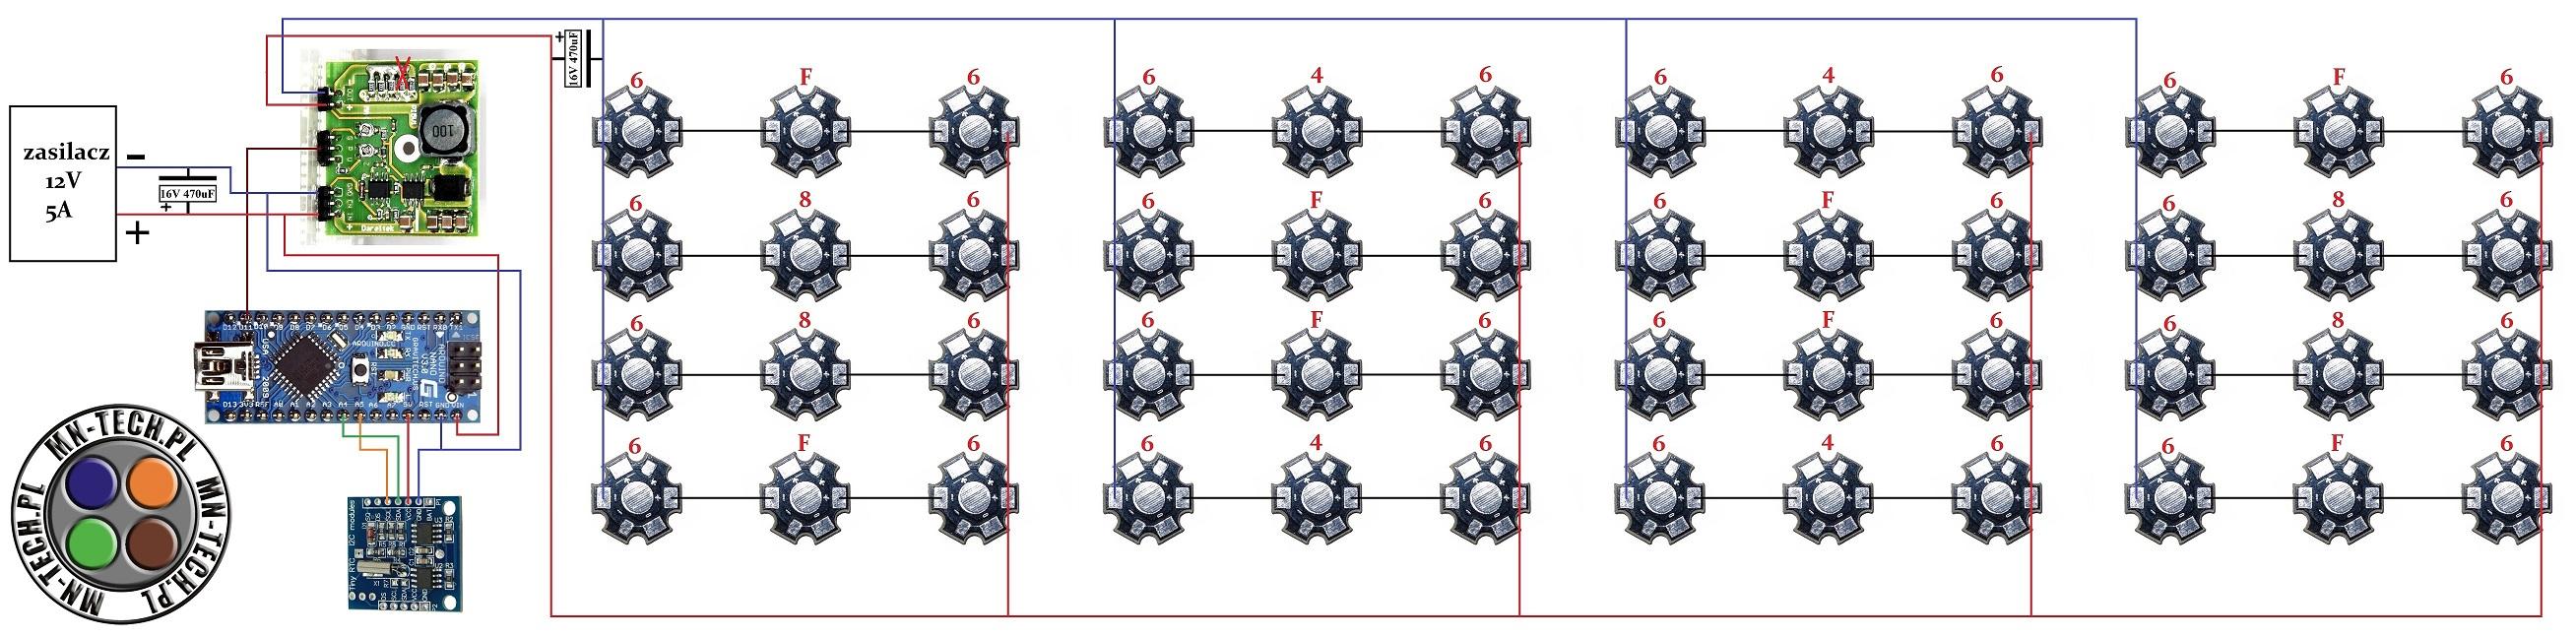 _16x80cm_48W_1pwm_schemat